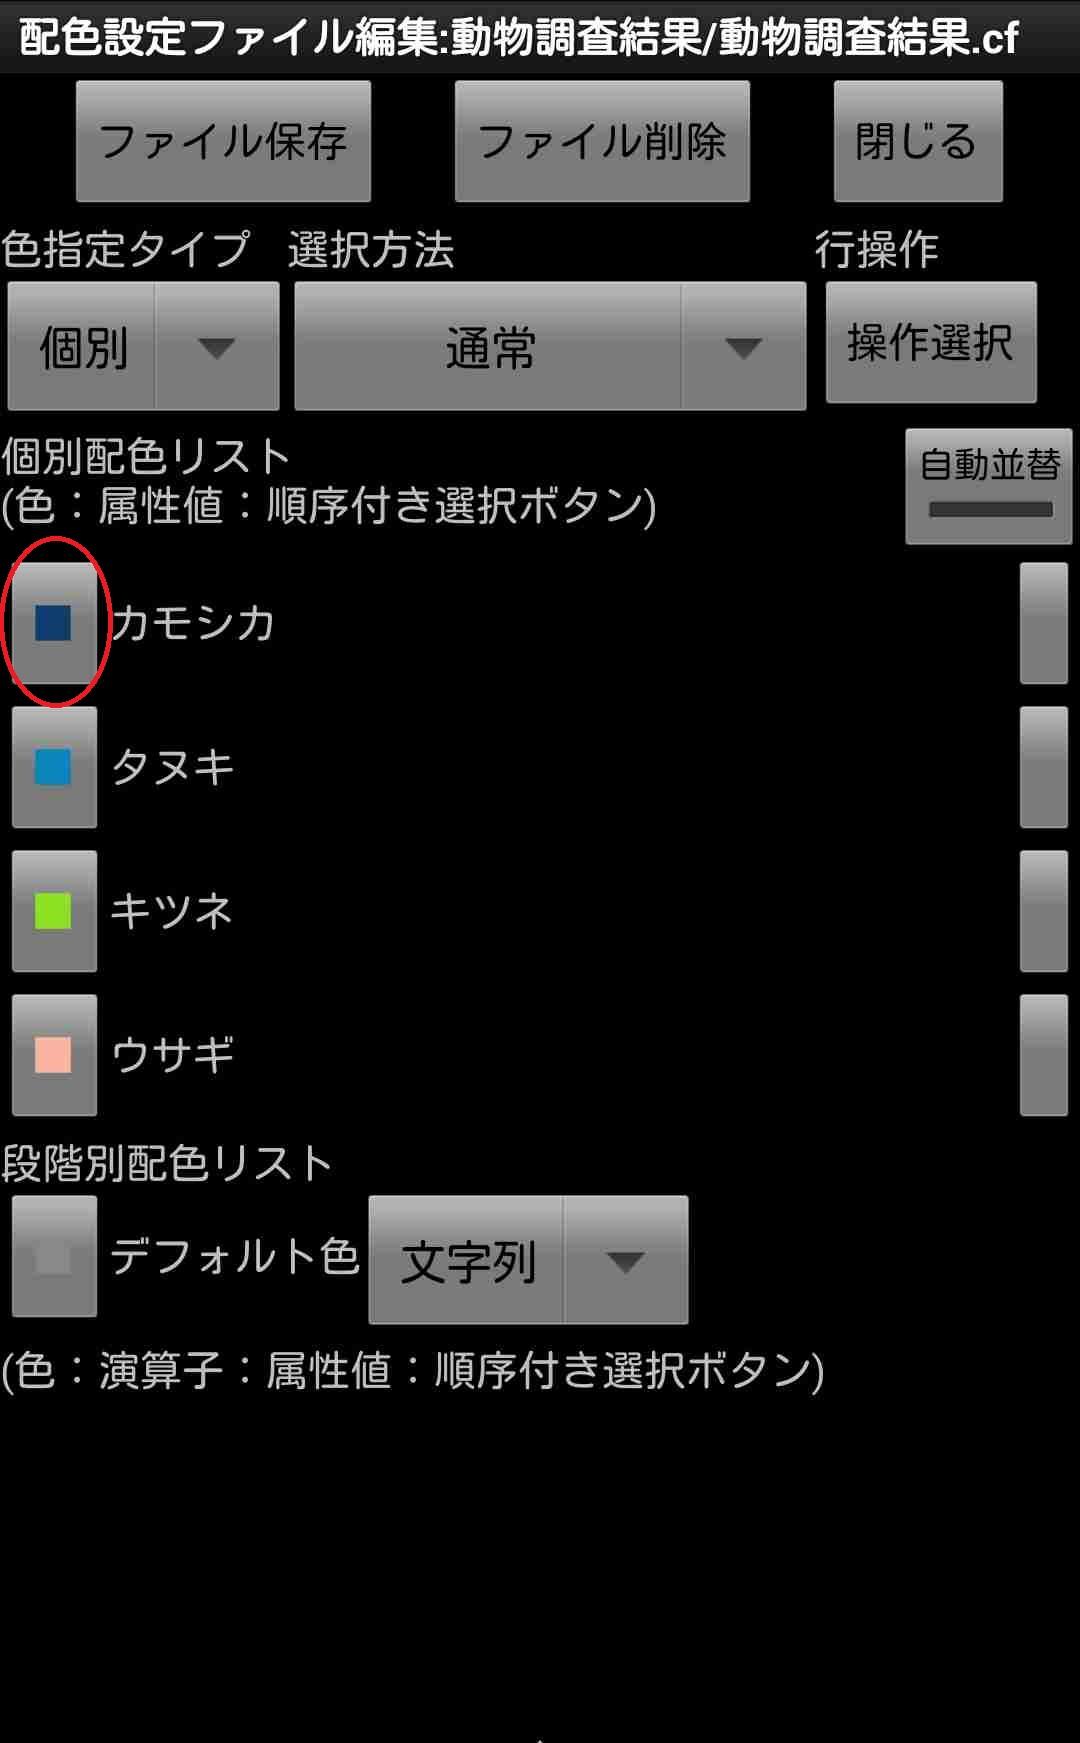 11配色変更画面